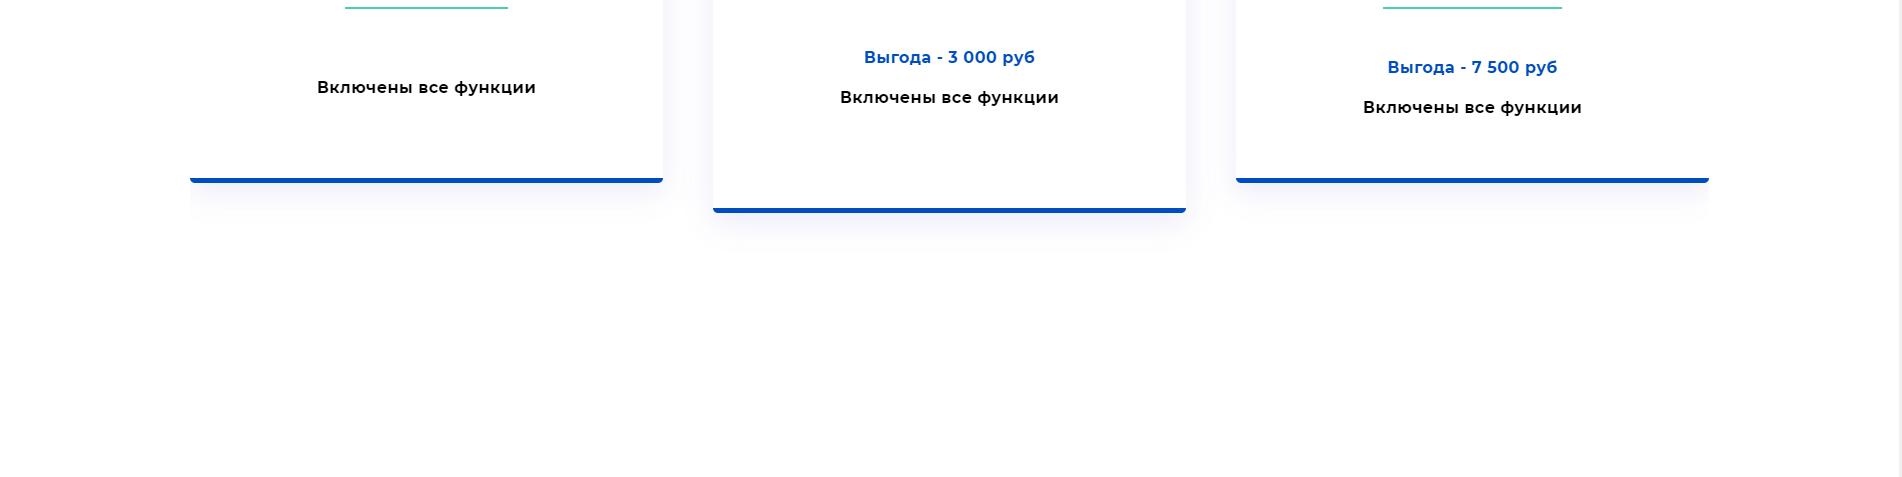 D8209bd54d